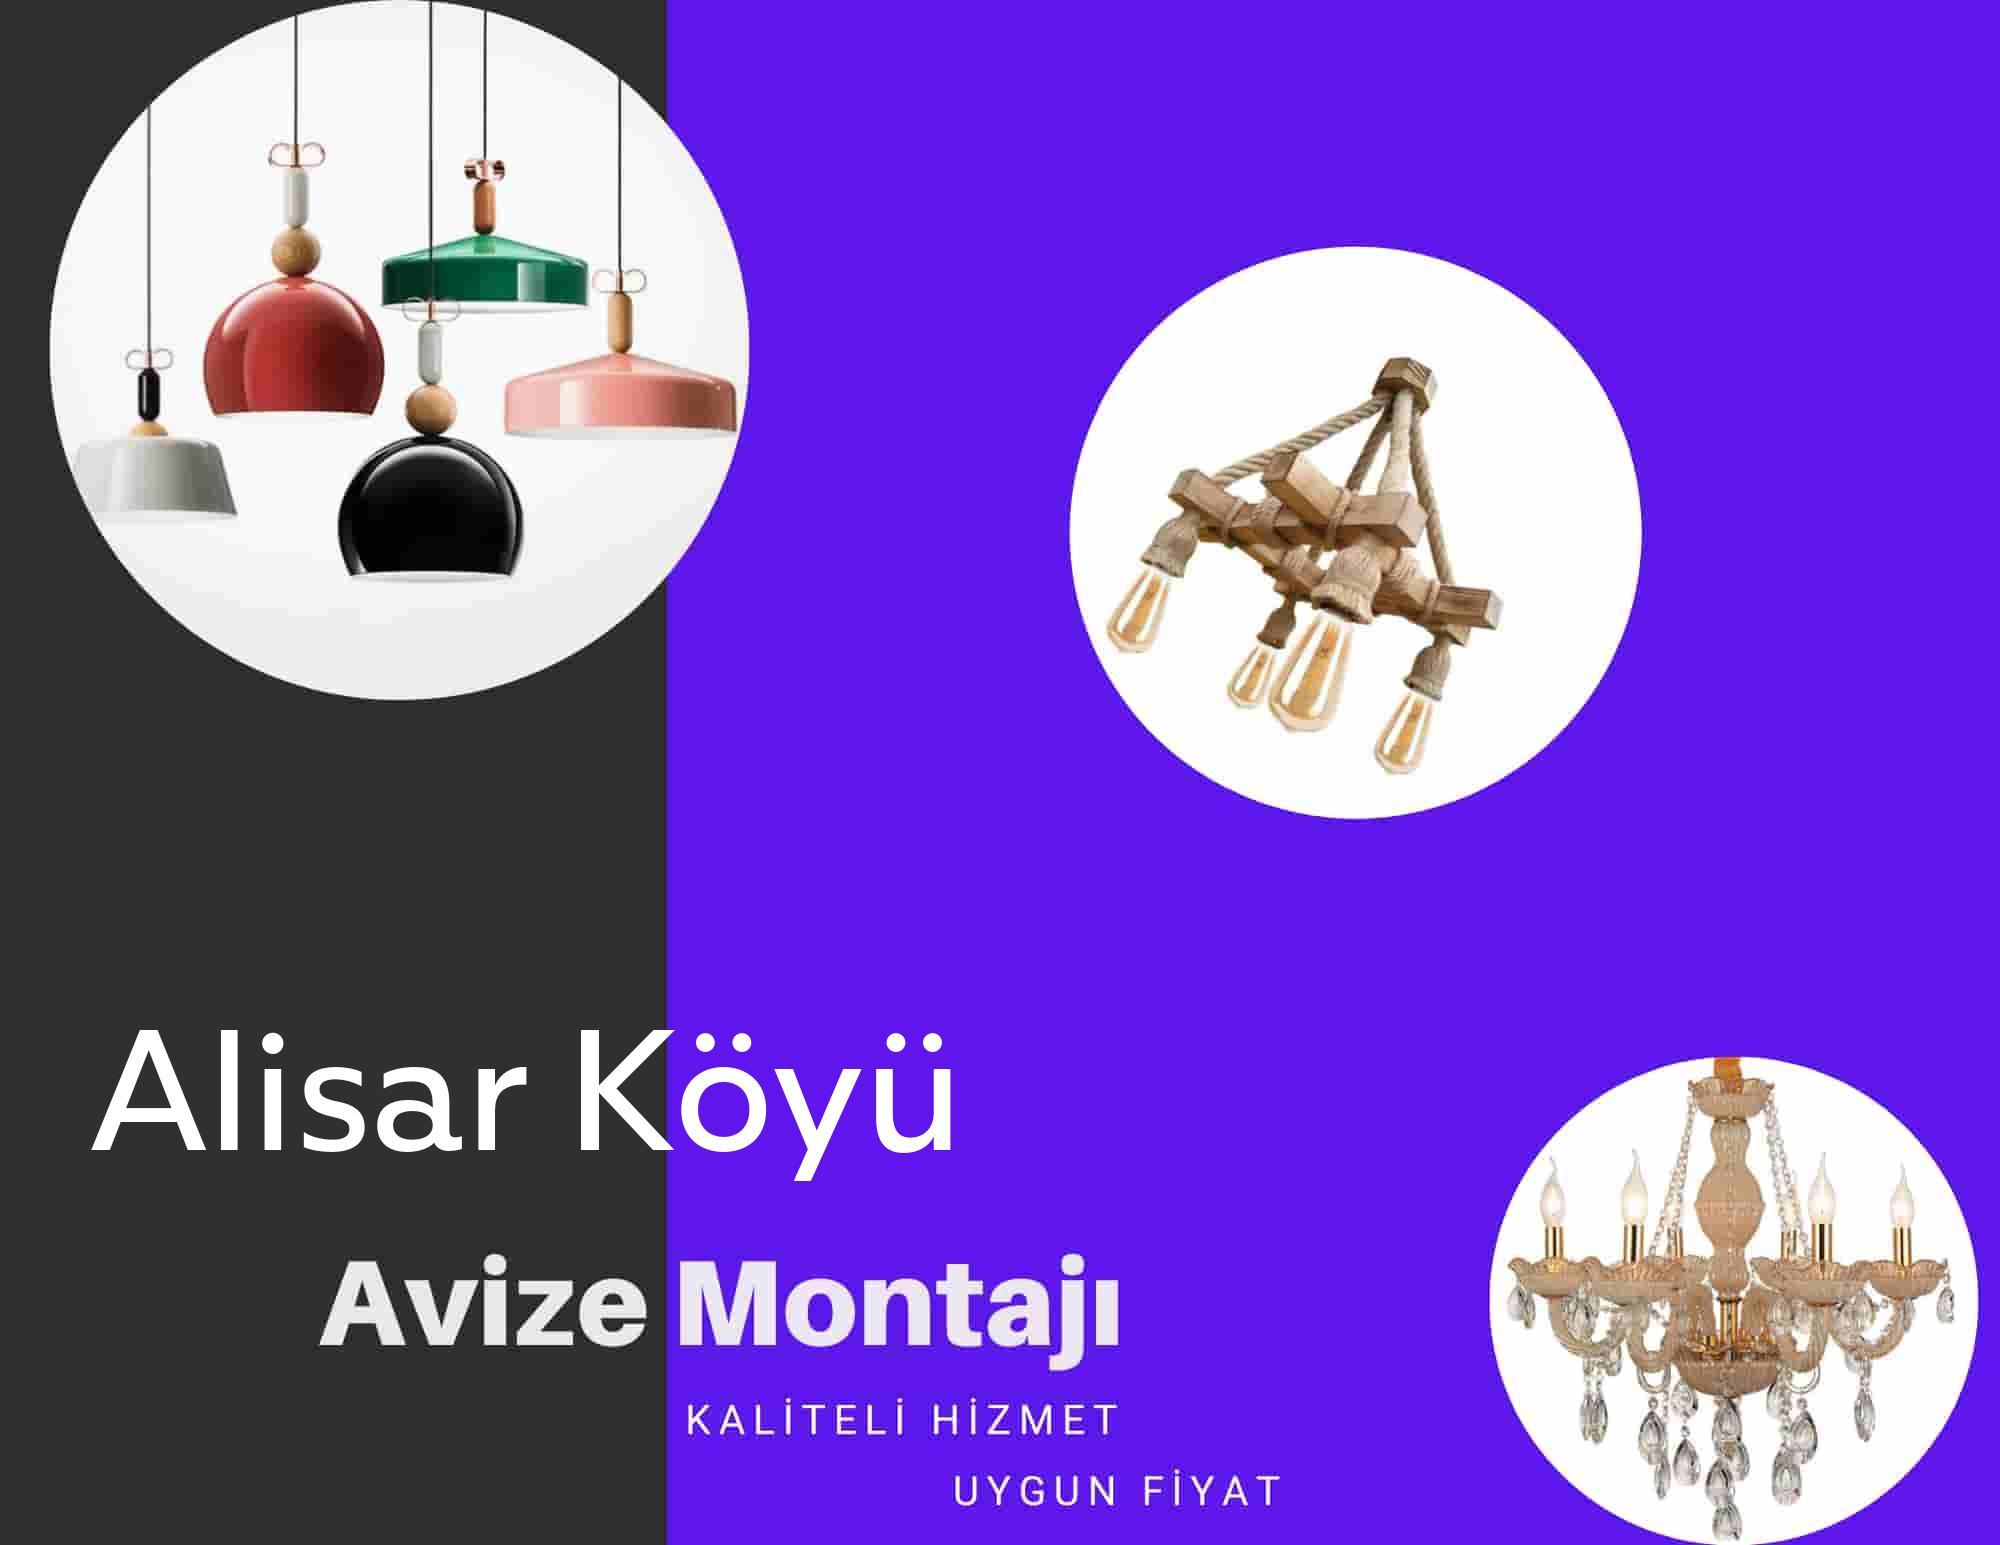 Alişar Köyüde avize montajı yapan yerler arıyorsanız elektrikcicagir anında size profesyonel avize montajı ustasını yönlendirir.